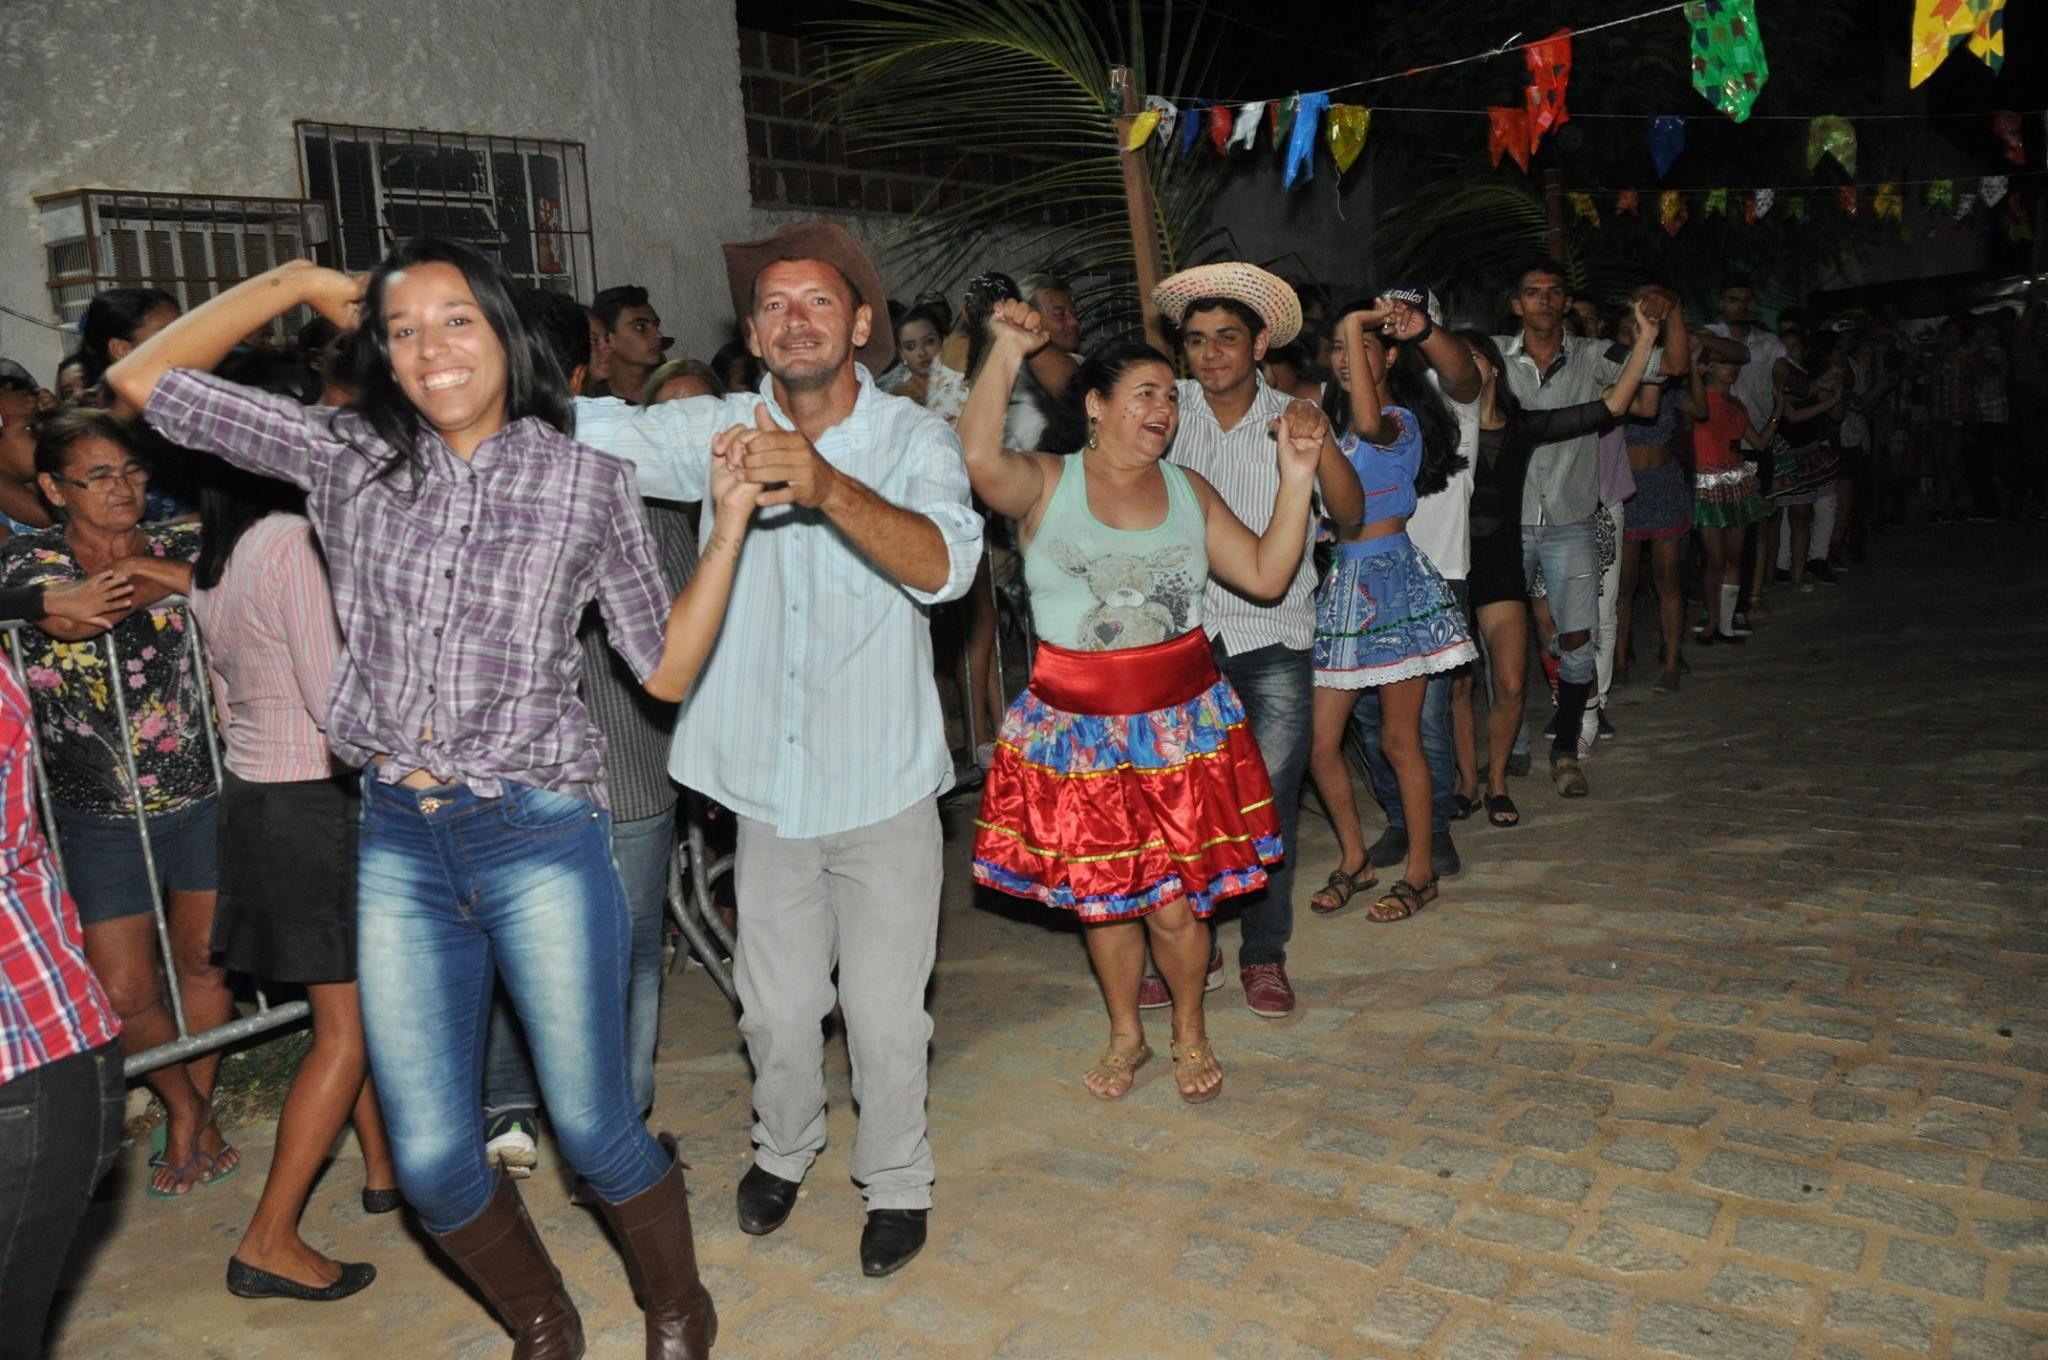 19237888_1899329503673573_7218563454634647858_o-1024x680 OPIPOCO mostra como foi a Segunda noite do festival de quadrilhas em Monteiro. Confira Imagens